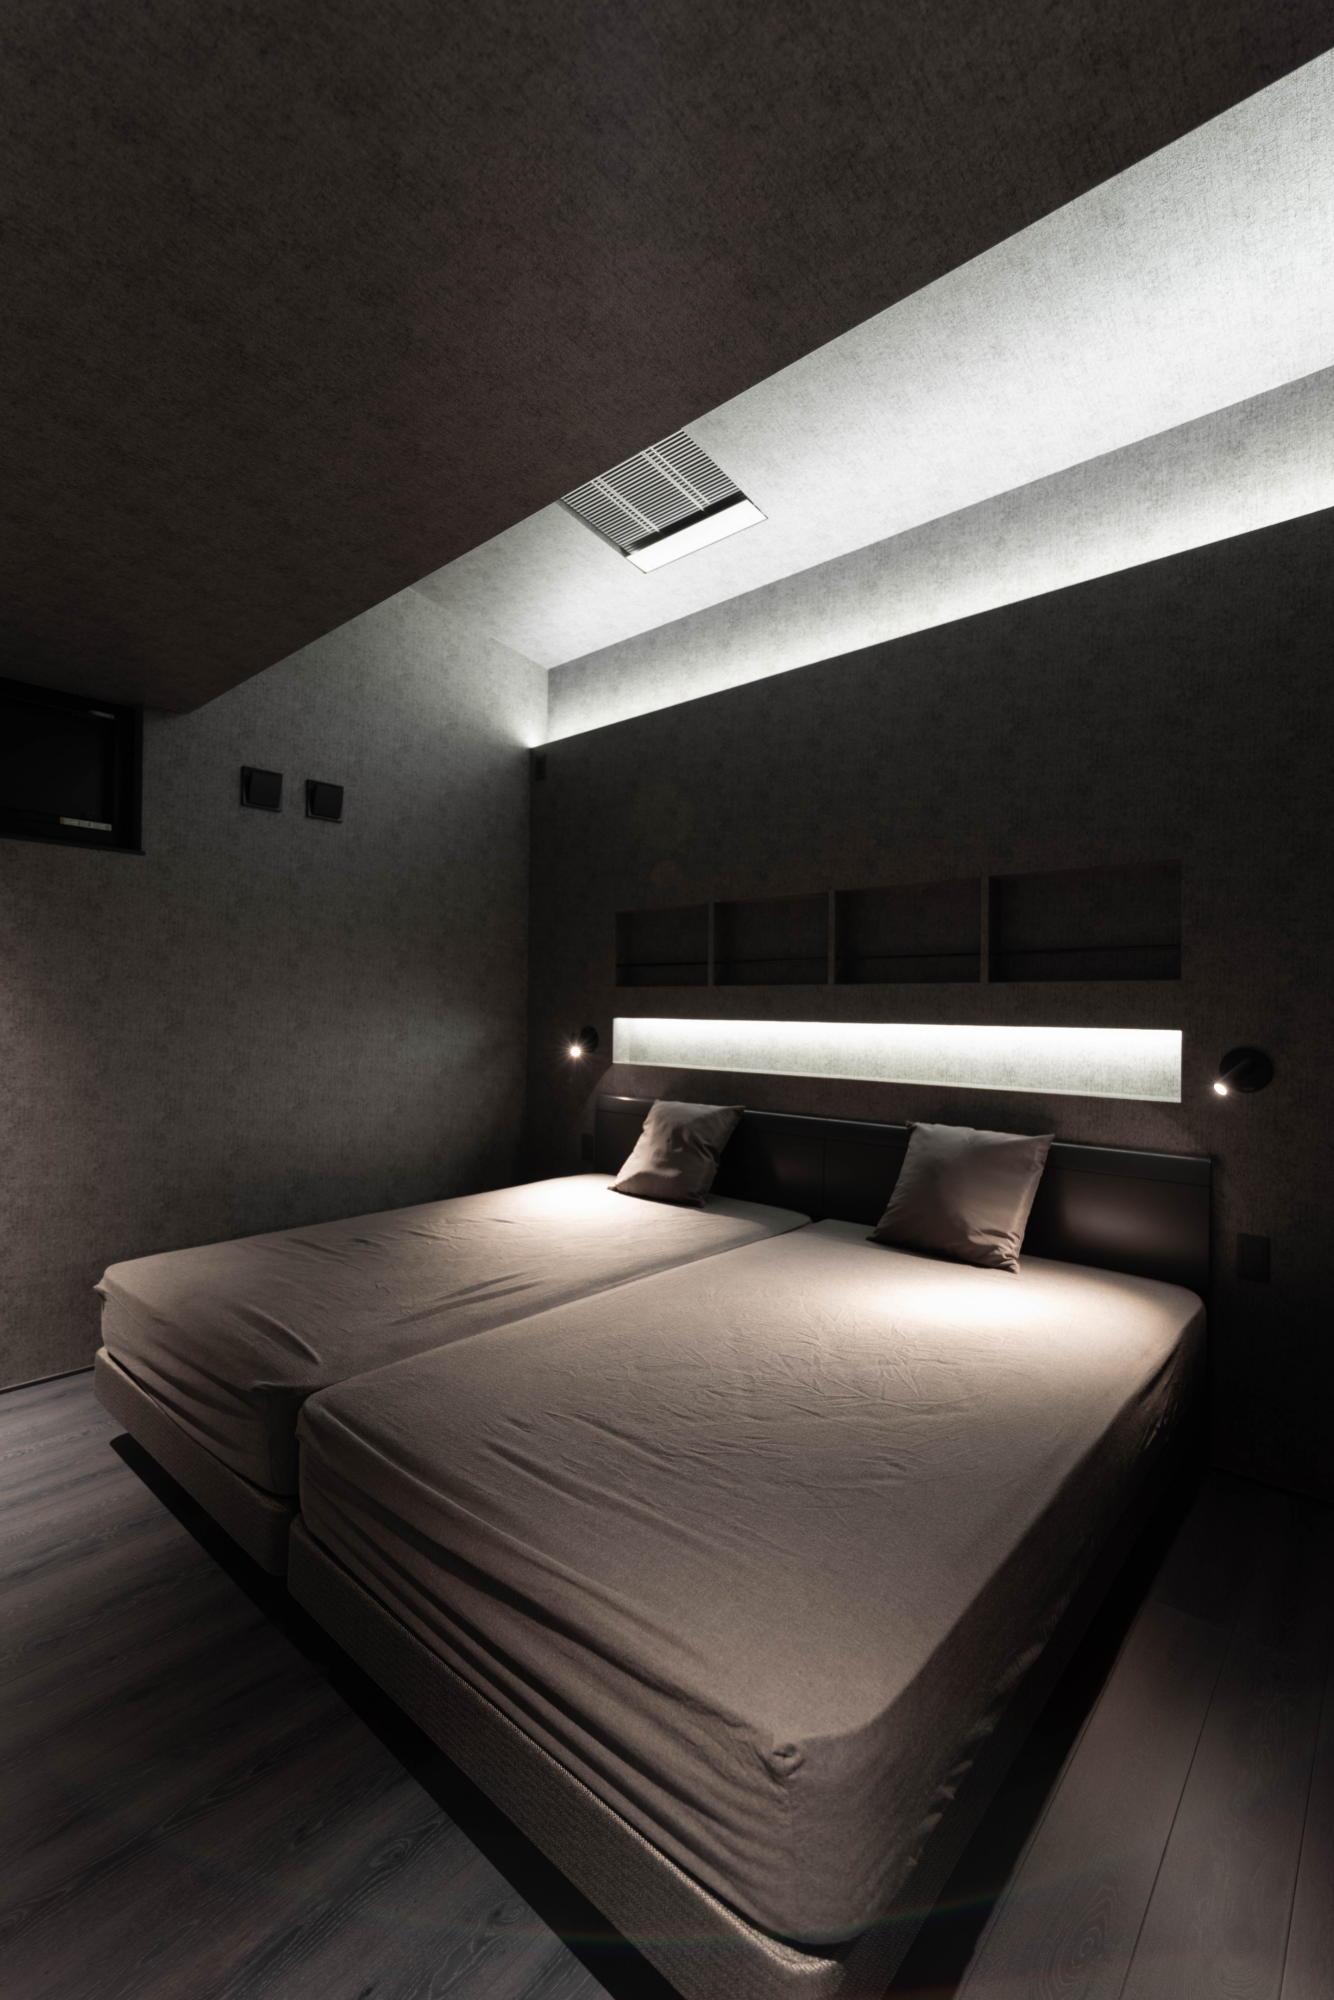 ブラックコーディネートの家 寝室 夜